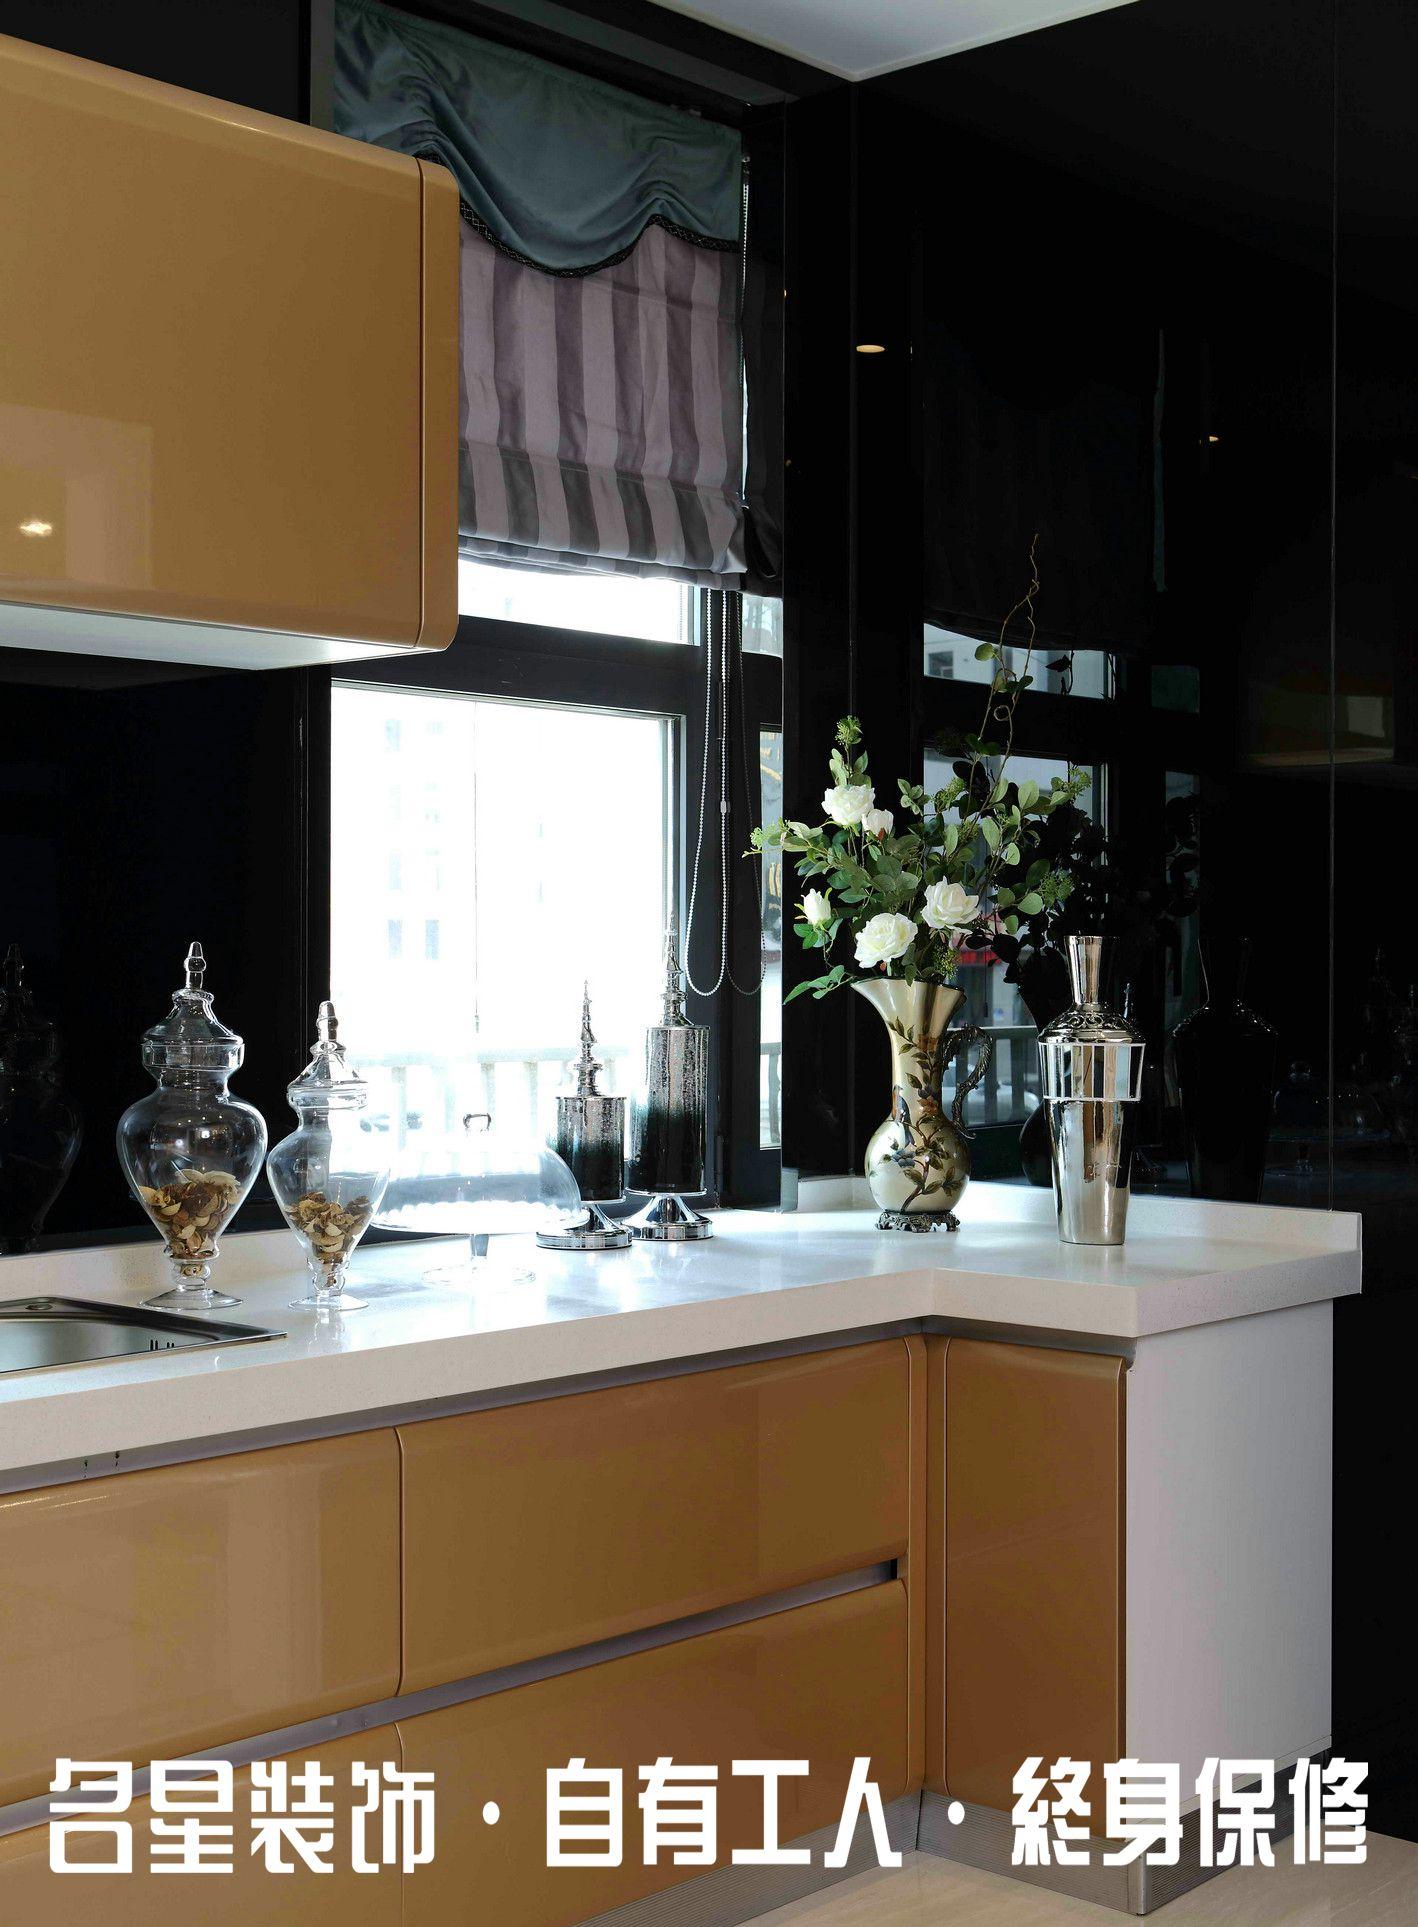 三居 欧式 低奢 厨房图片来自名星装饰在复地东湖国际的分享